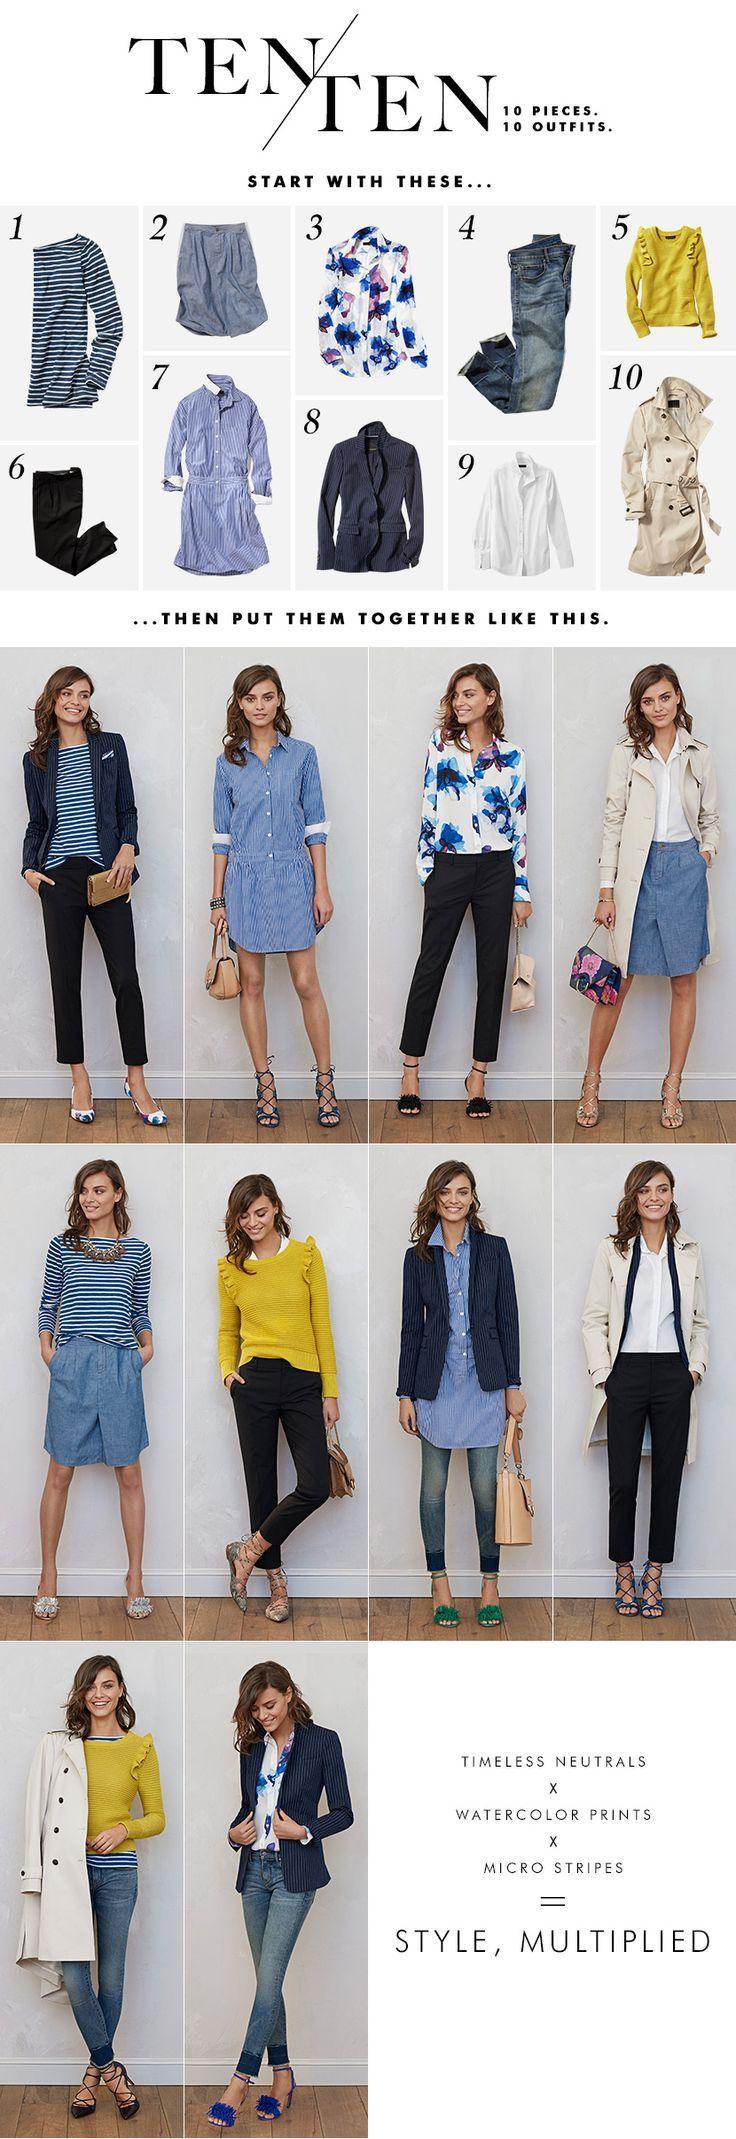 Robe chemisier, legging ou skinny jean, veston